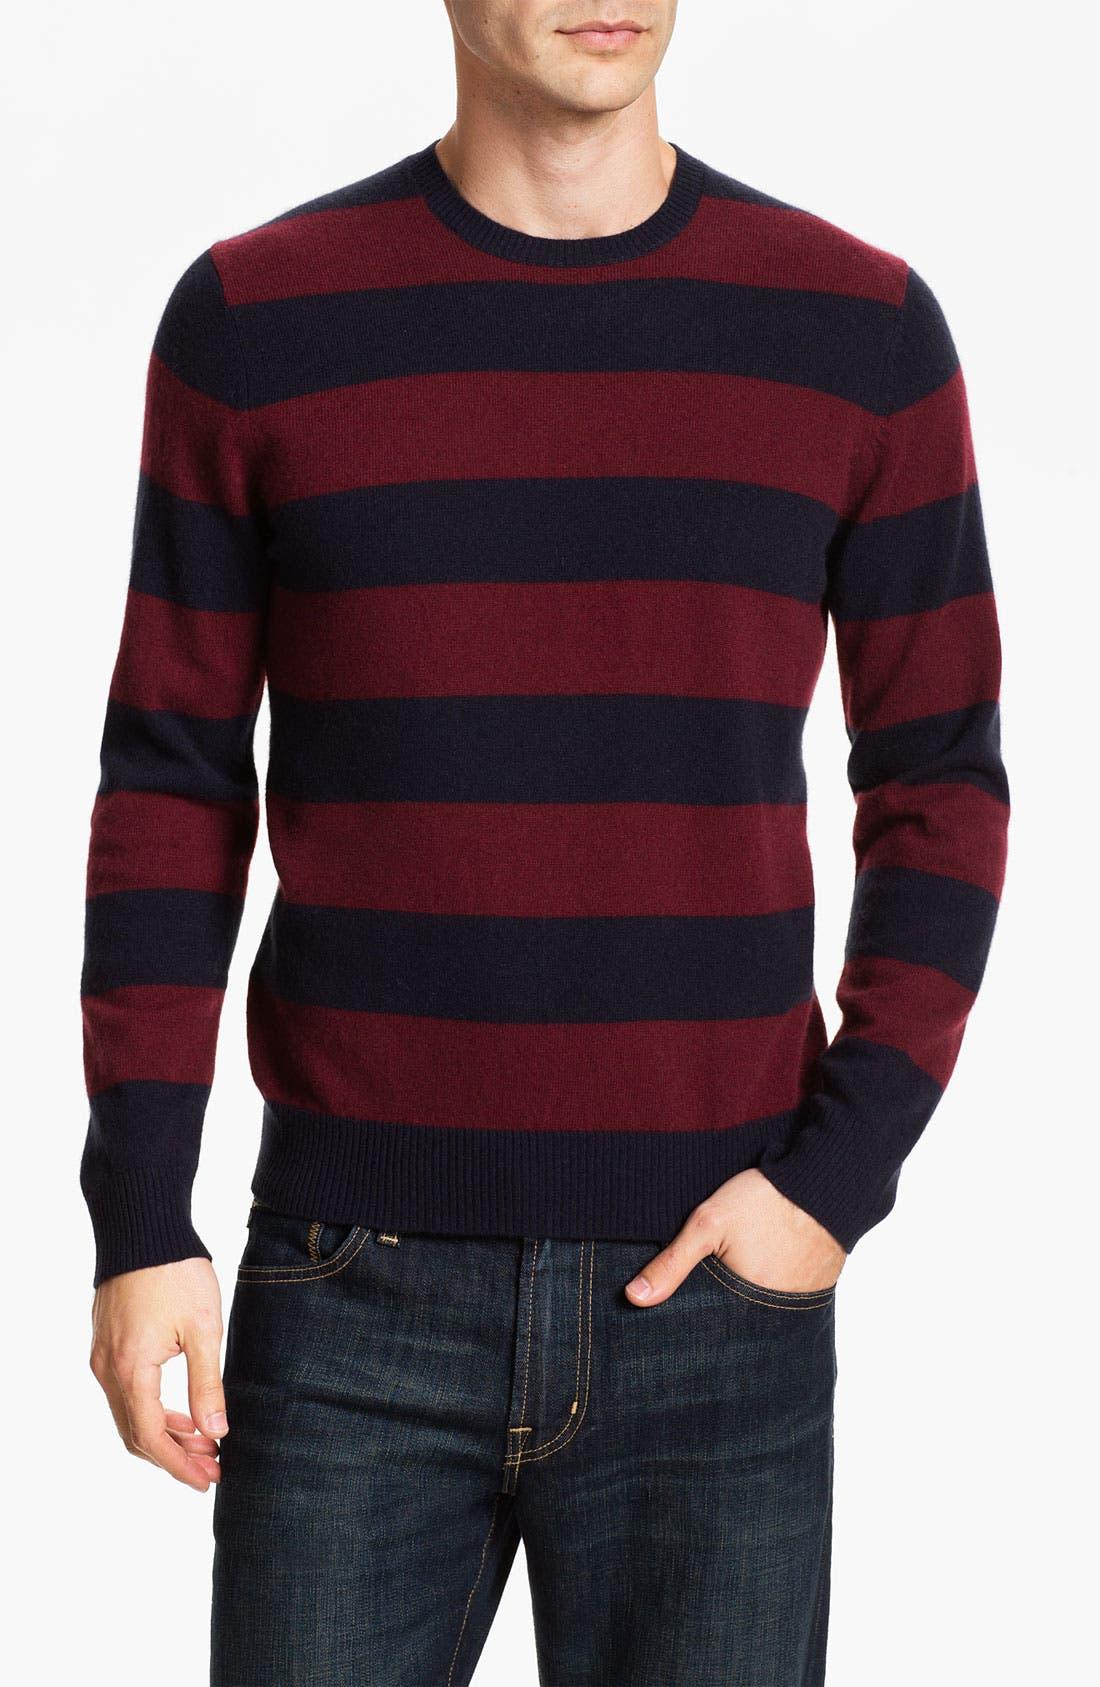 Alternate Image 1 Selected - Cullen89 Cashmere Crewneck Sweater